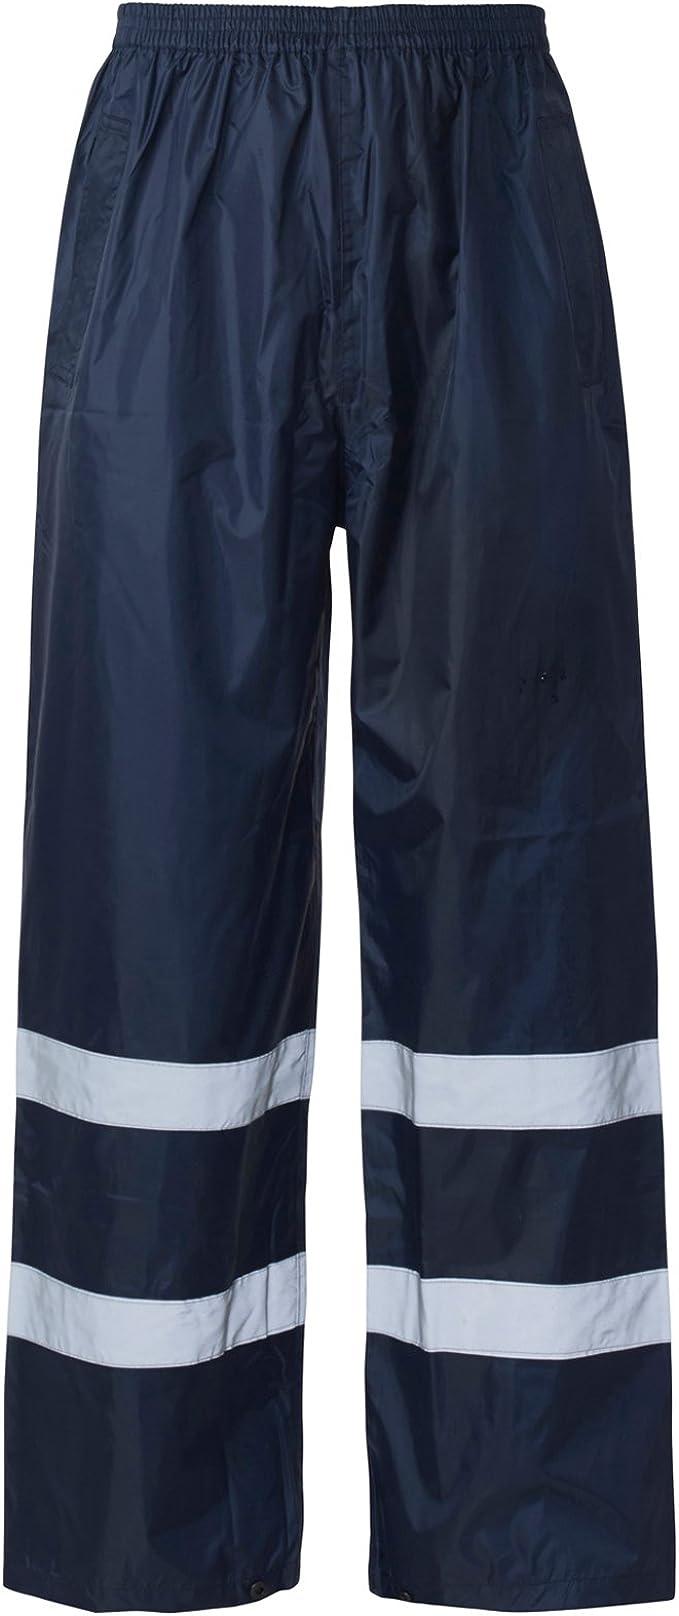 Blackrock Hi Vis Overtrousers Waterproof High Viz Trousers Work Wear Pants